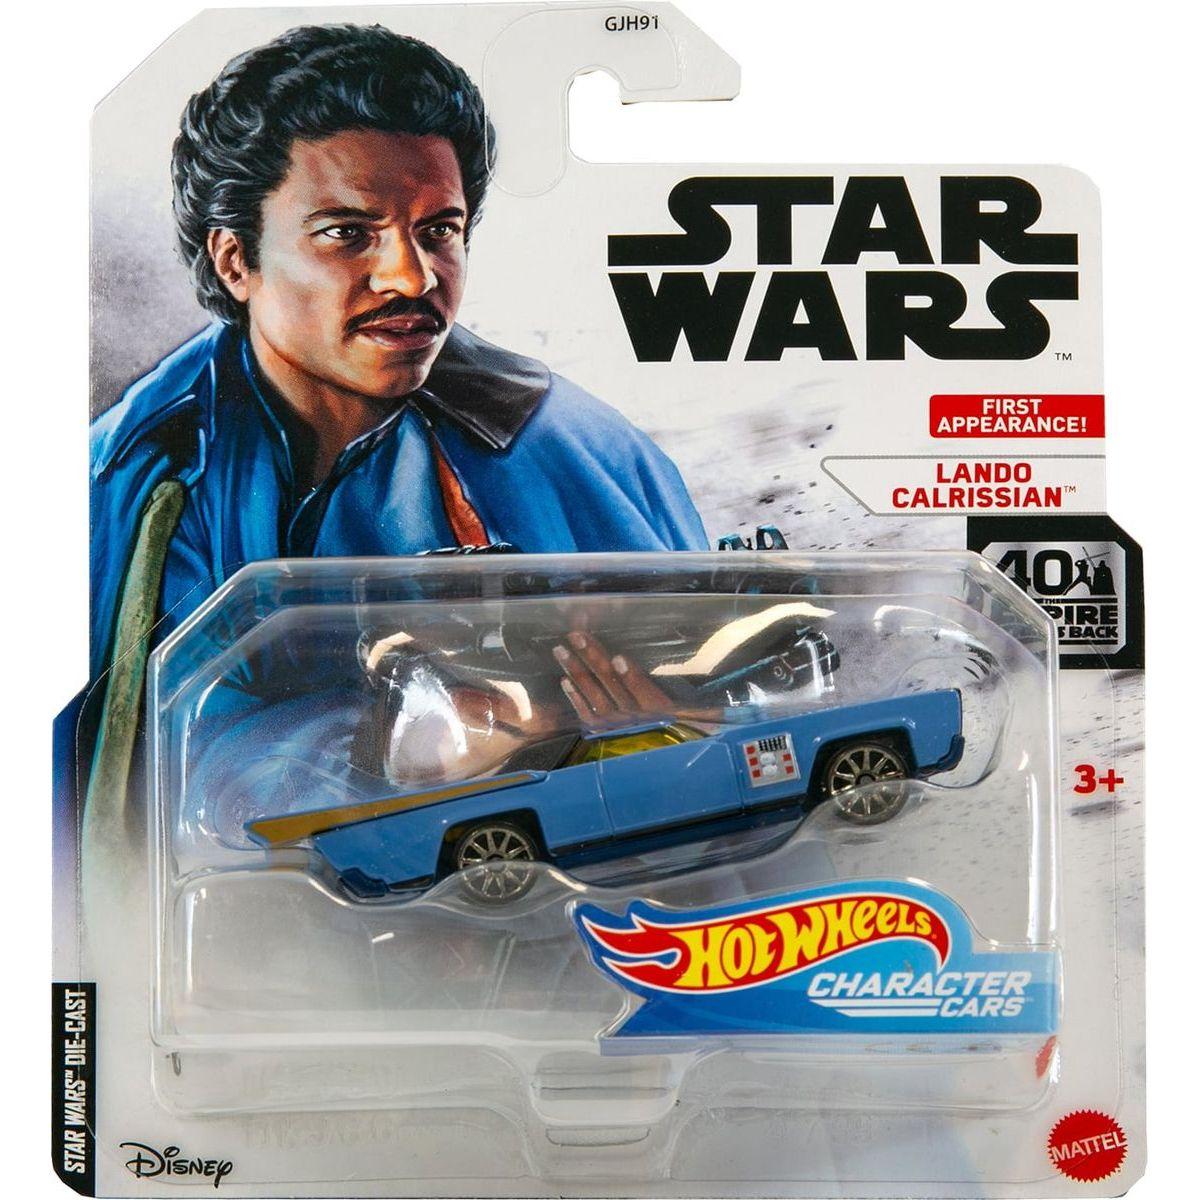 Hot Wheels Star Wars Character Cars Lando Calrissian